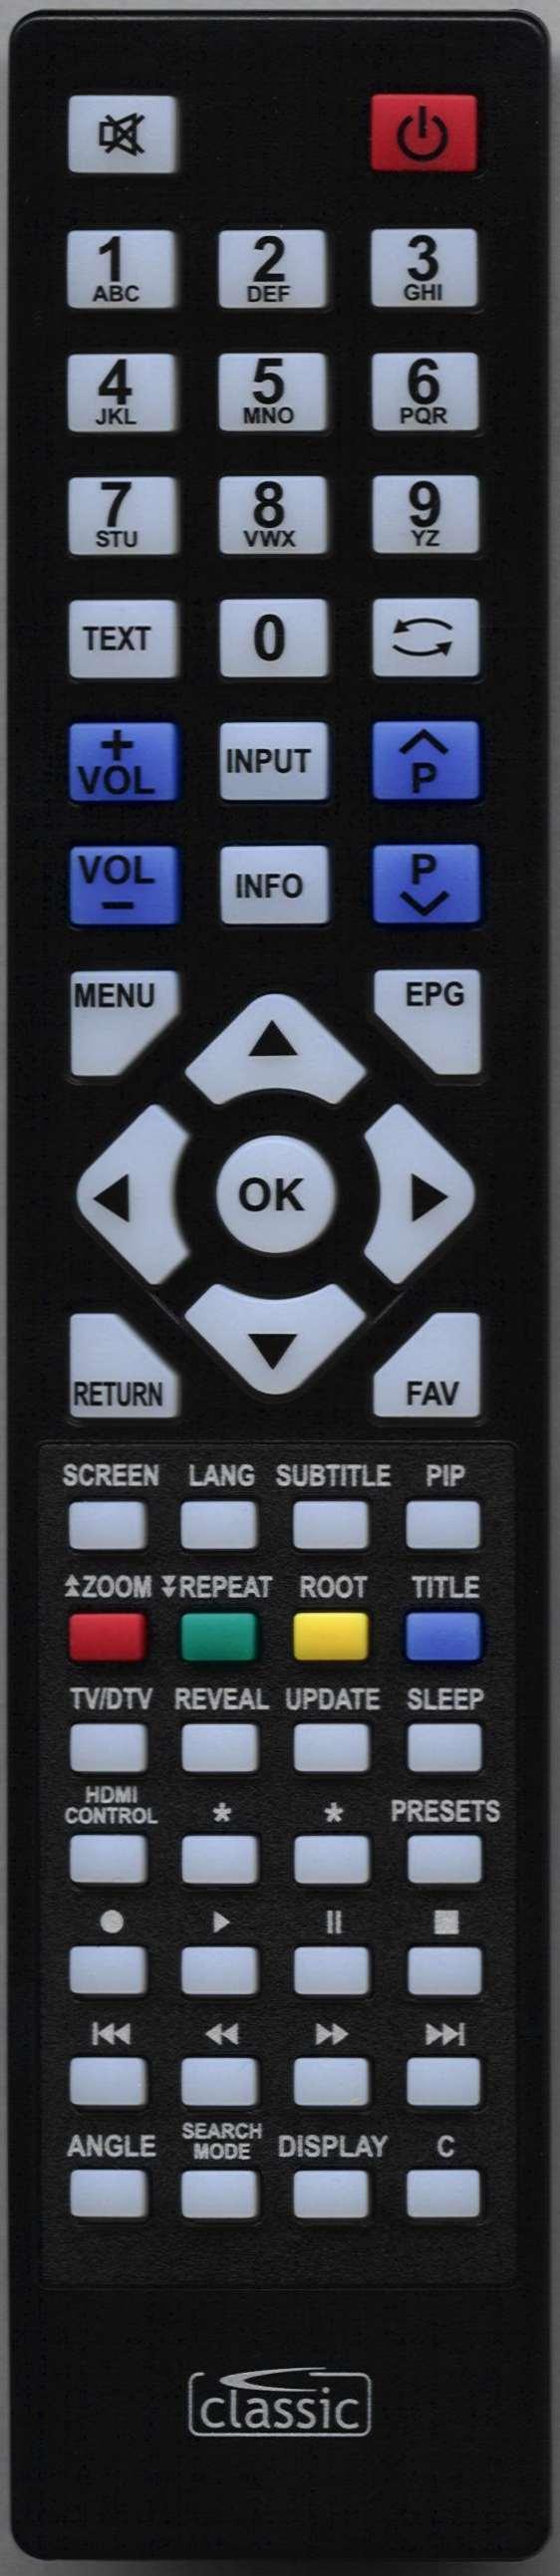 POLAROID RC1910 Remote Control Alternative